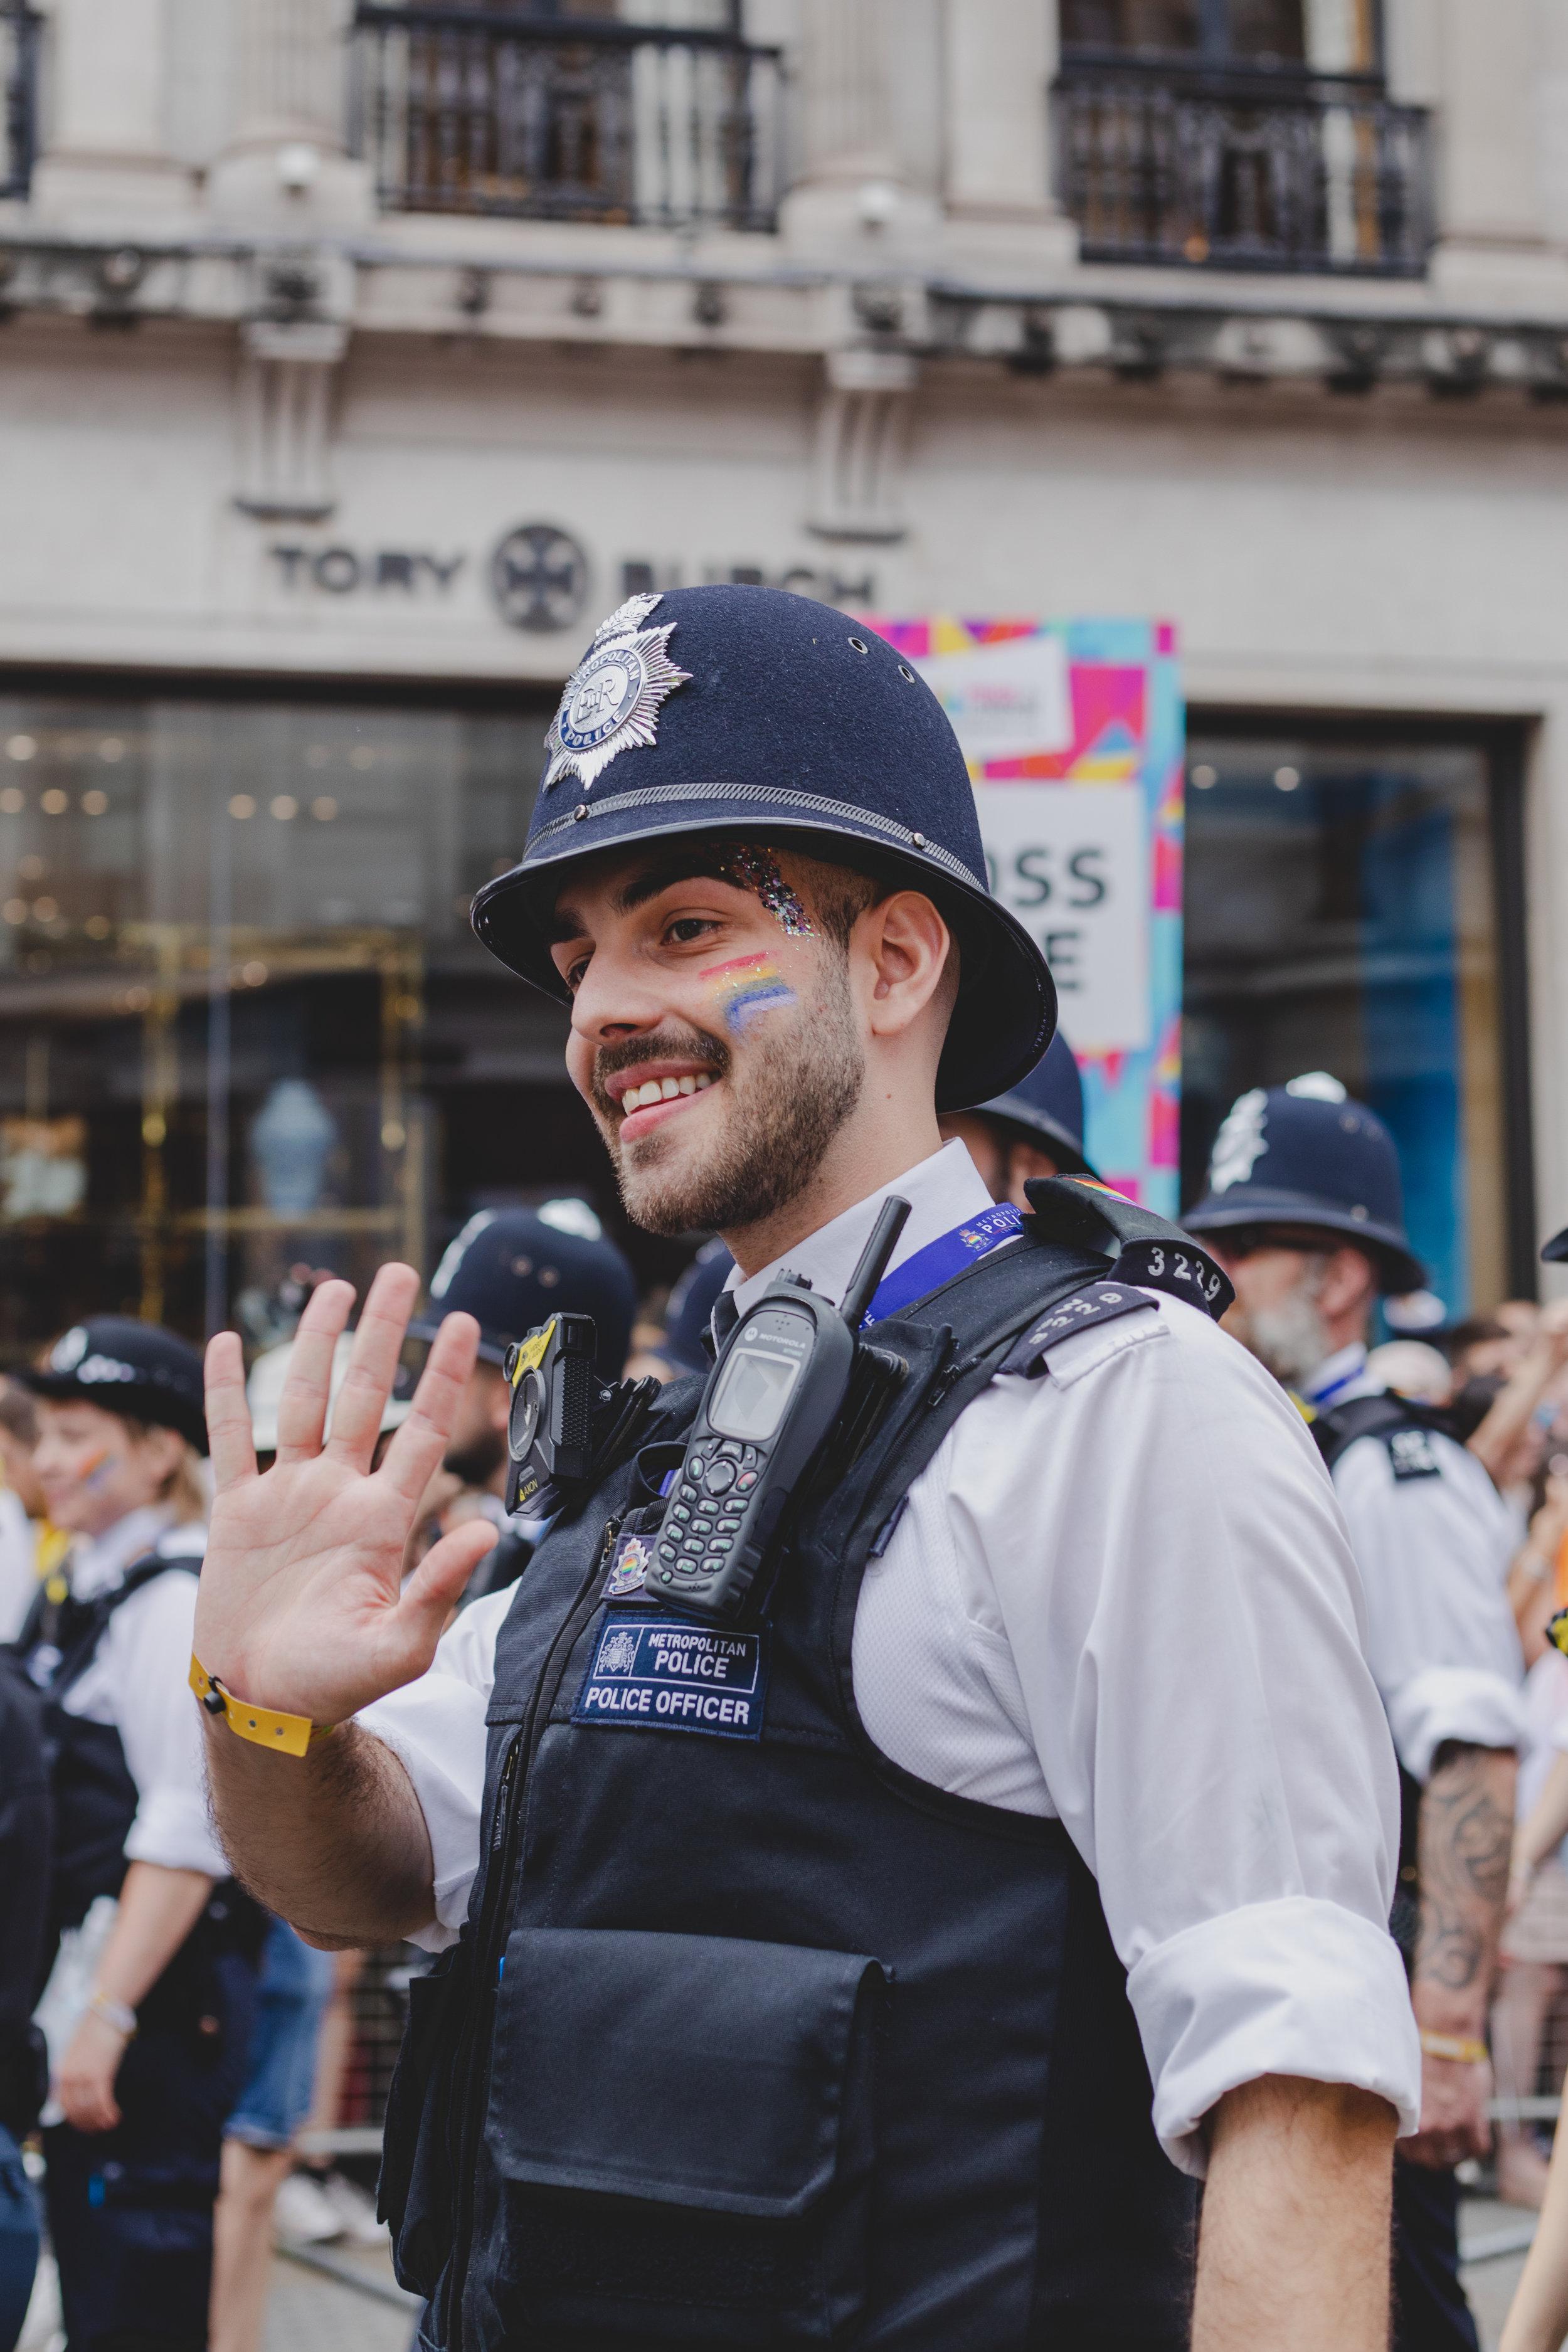 Pride in London 2019 - Metropolitan Police